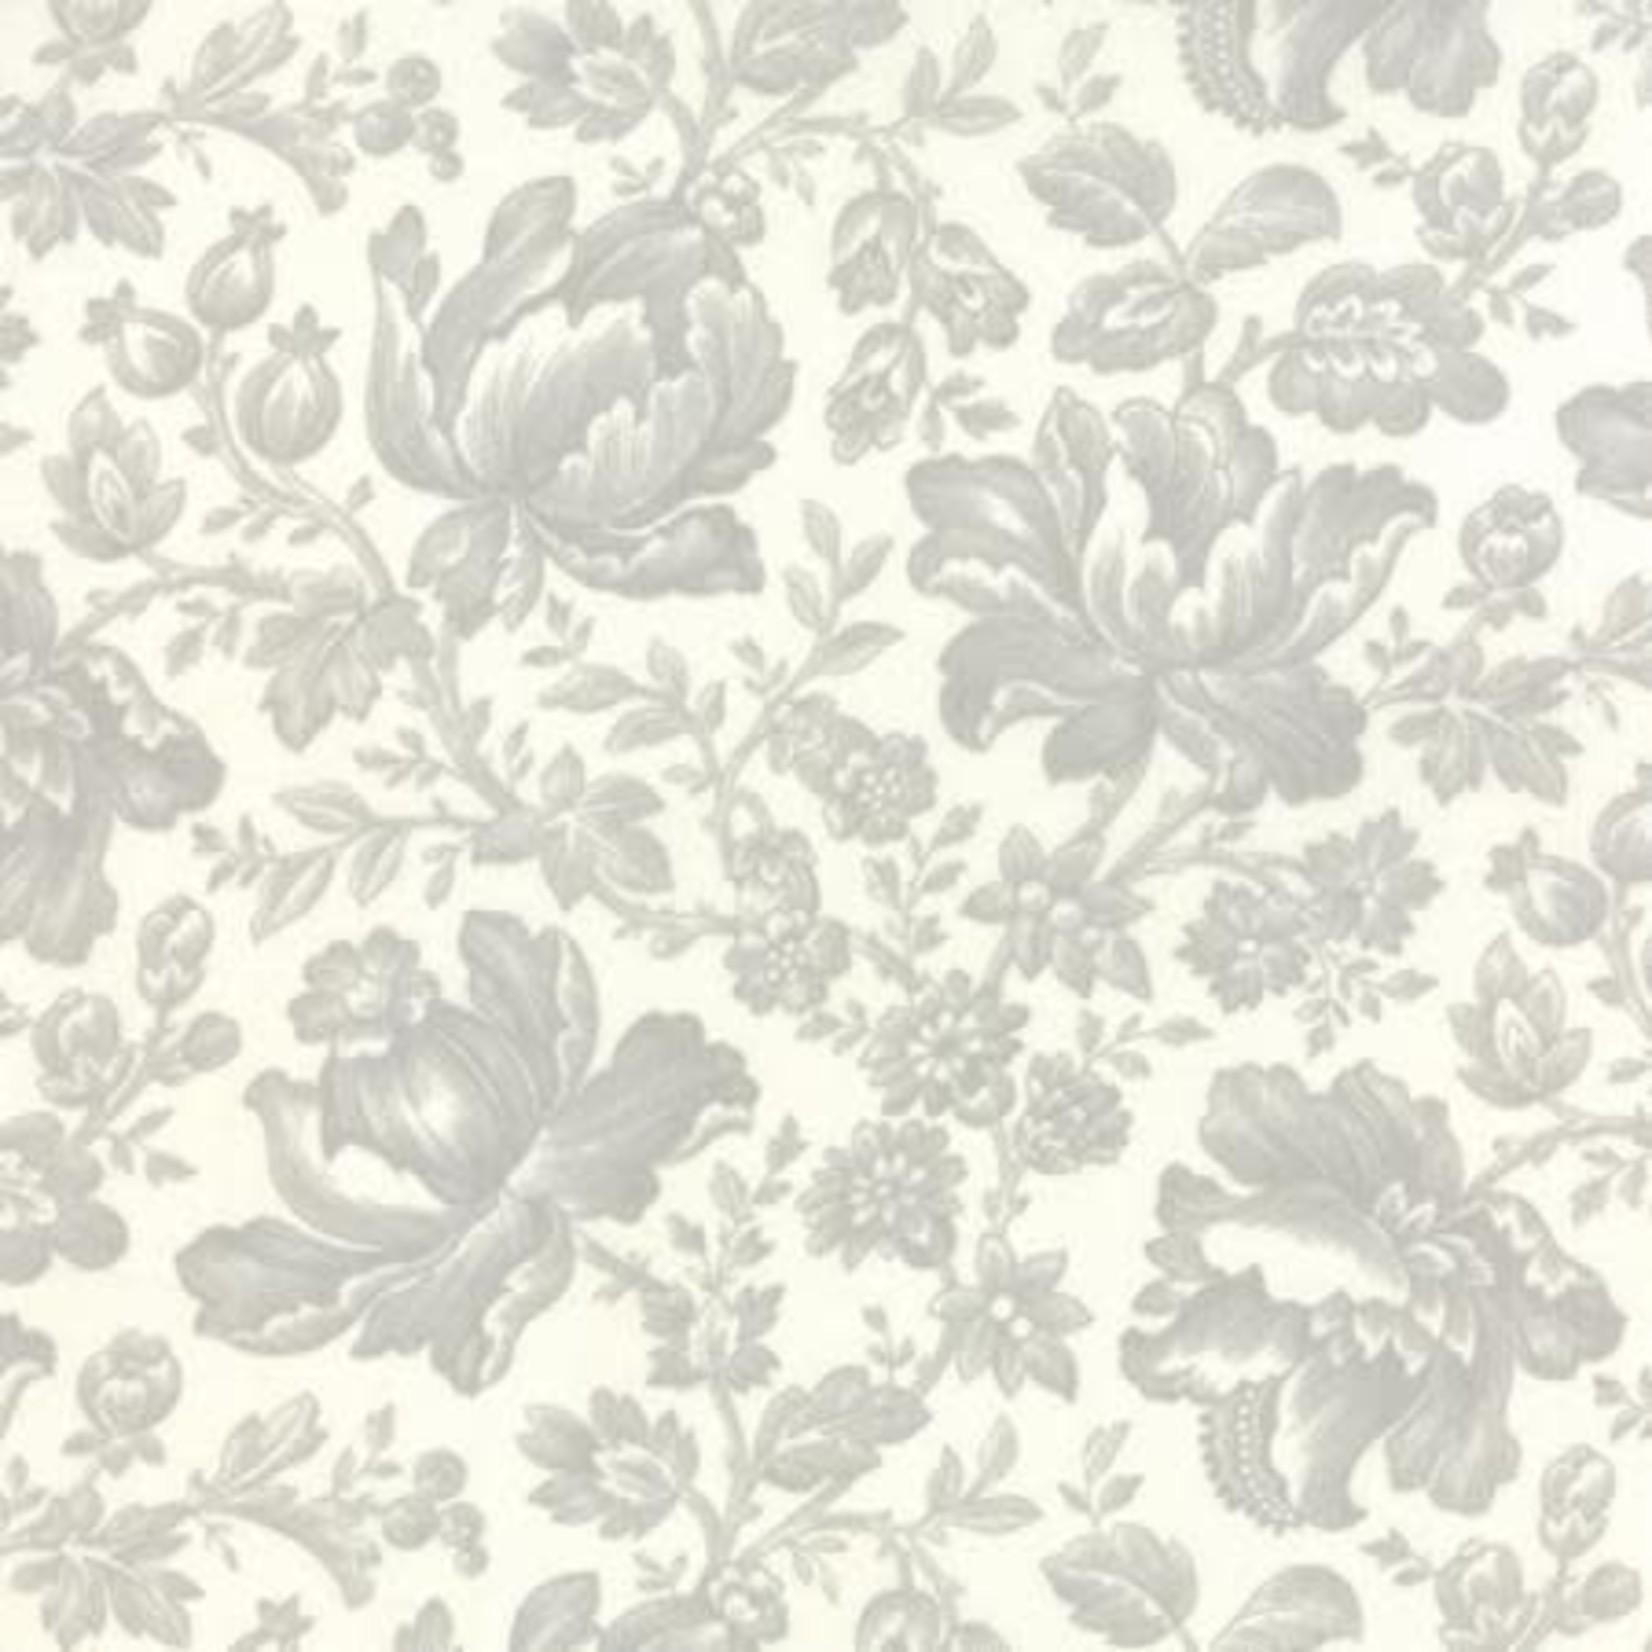 Moda 3 Sisters - Whitewashed Cottage - Ivory